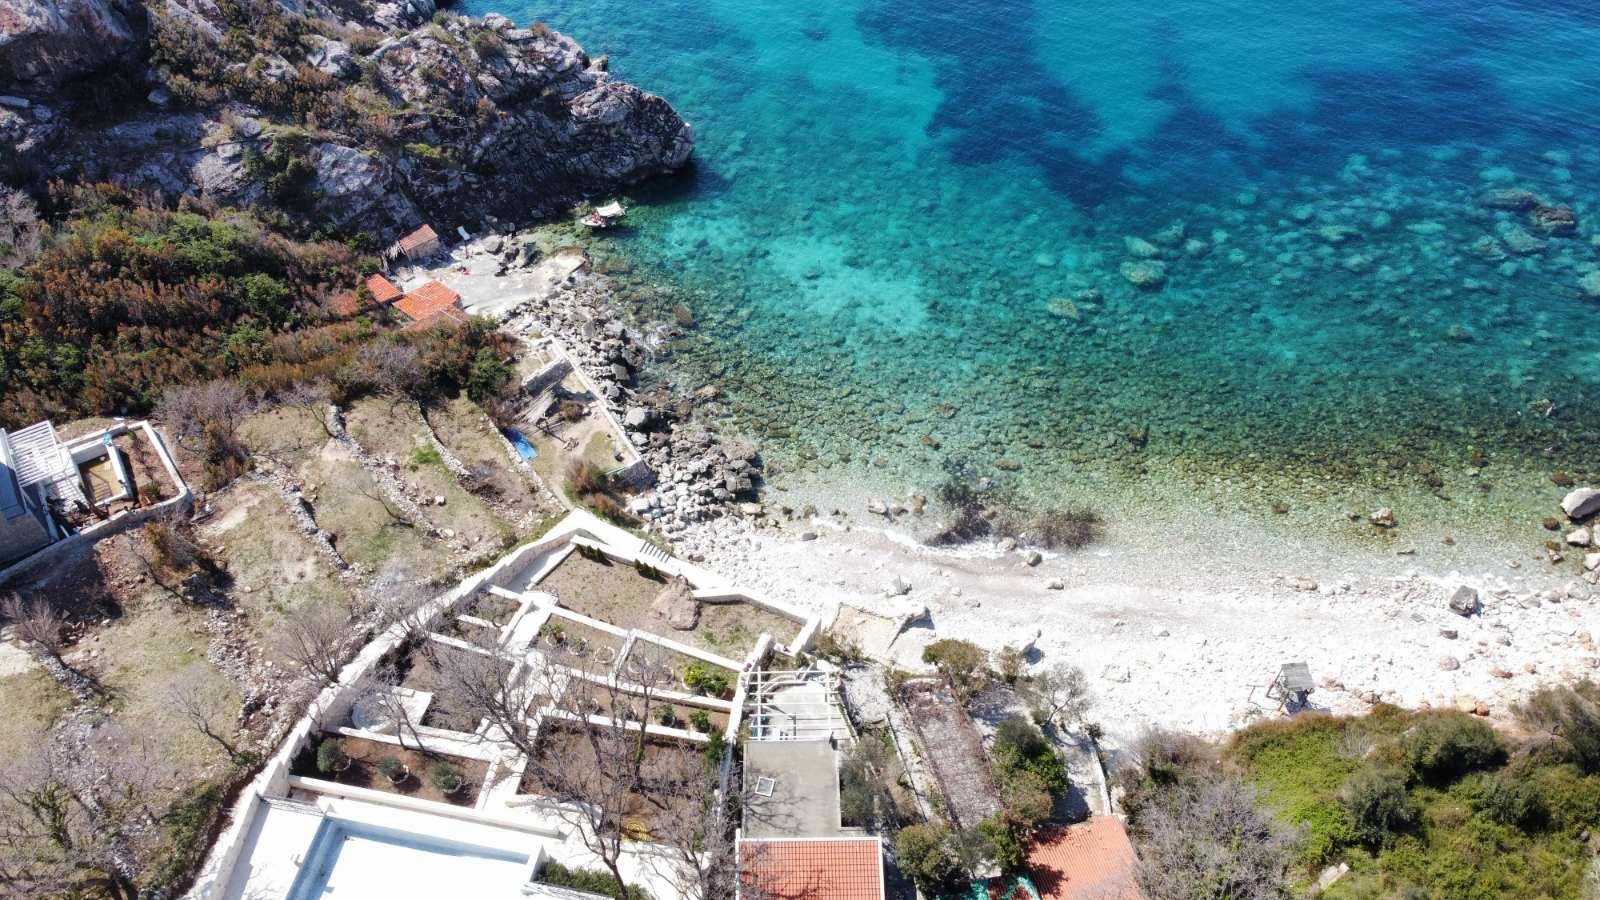 amforaproperty.com/Urbanizovan  plac na atraktivnoj lokaciji blizu obale! Jedinstvena ponuda!